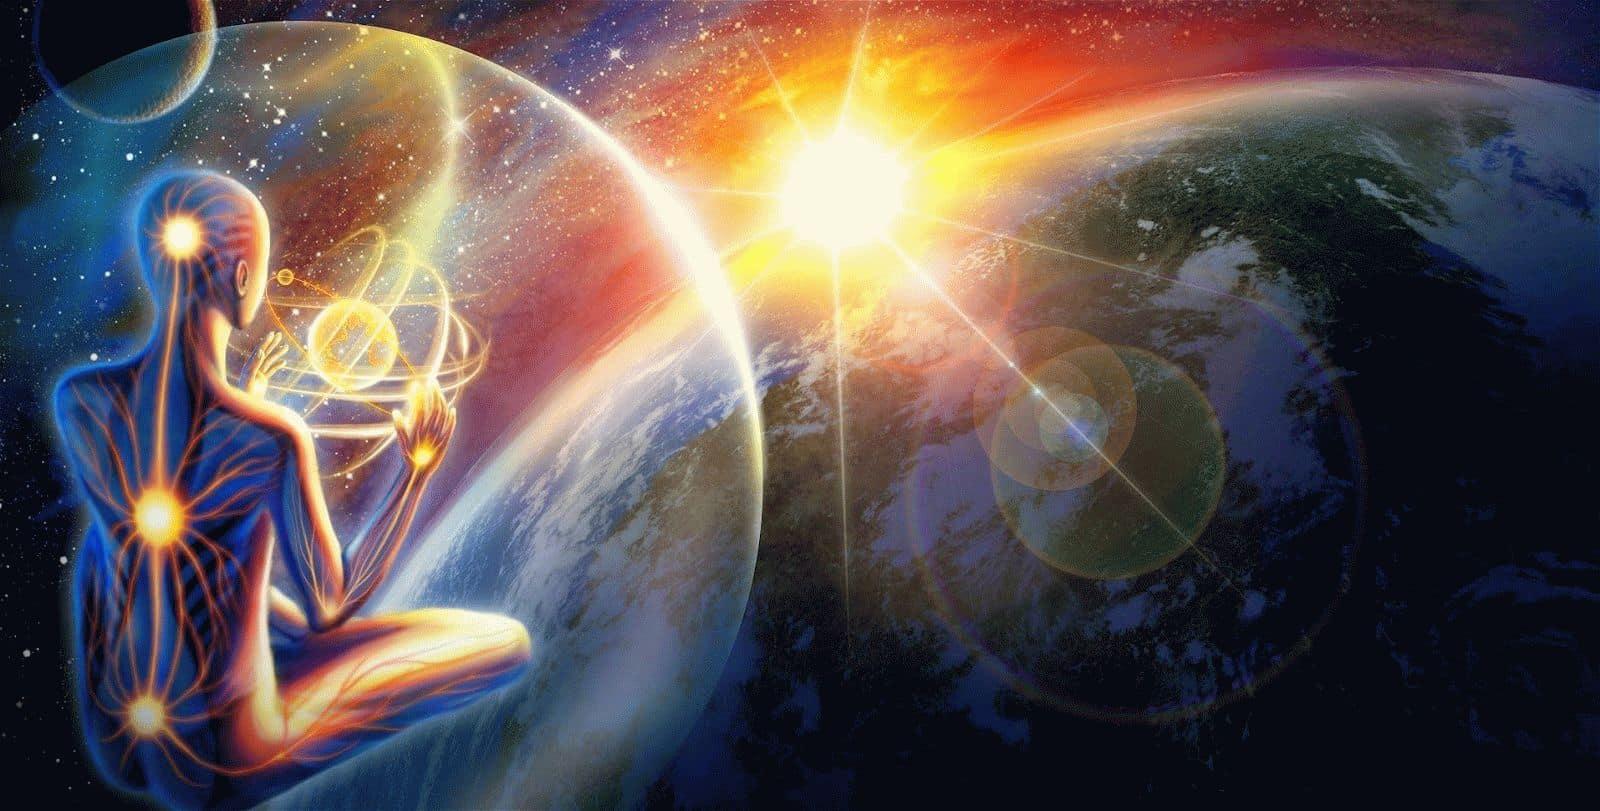 мантра связывает человека с Божественным миром